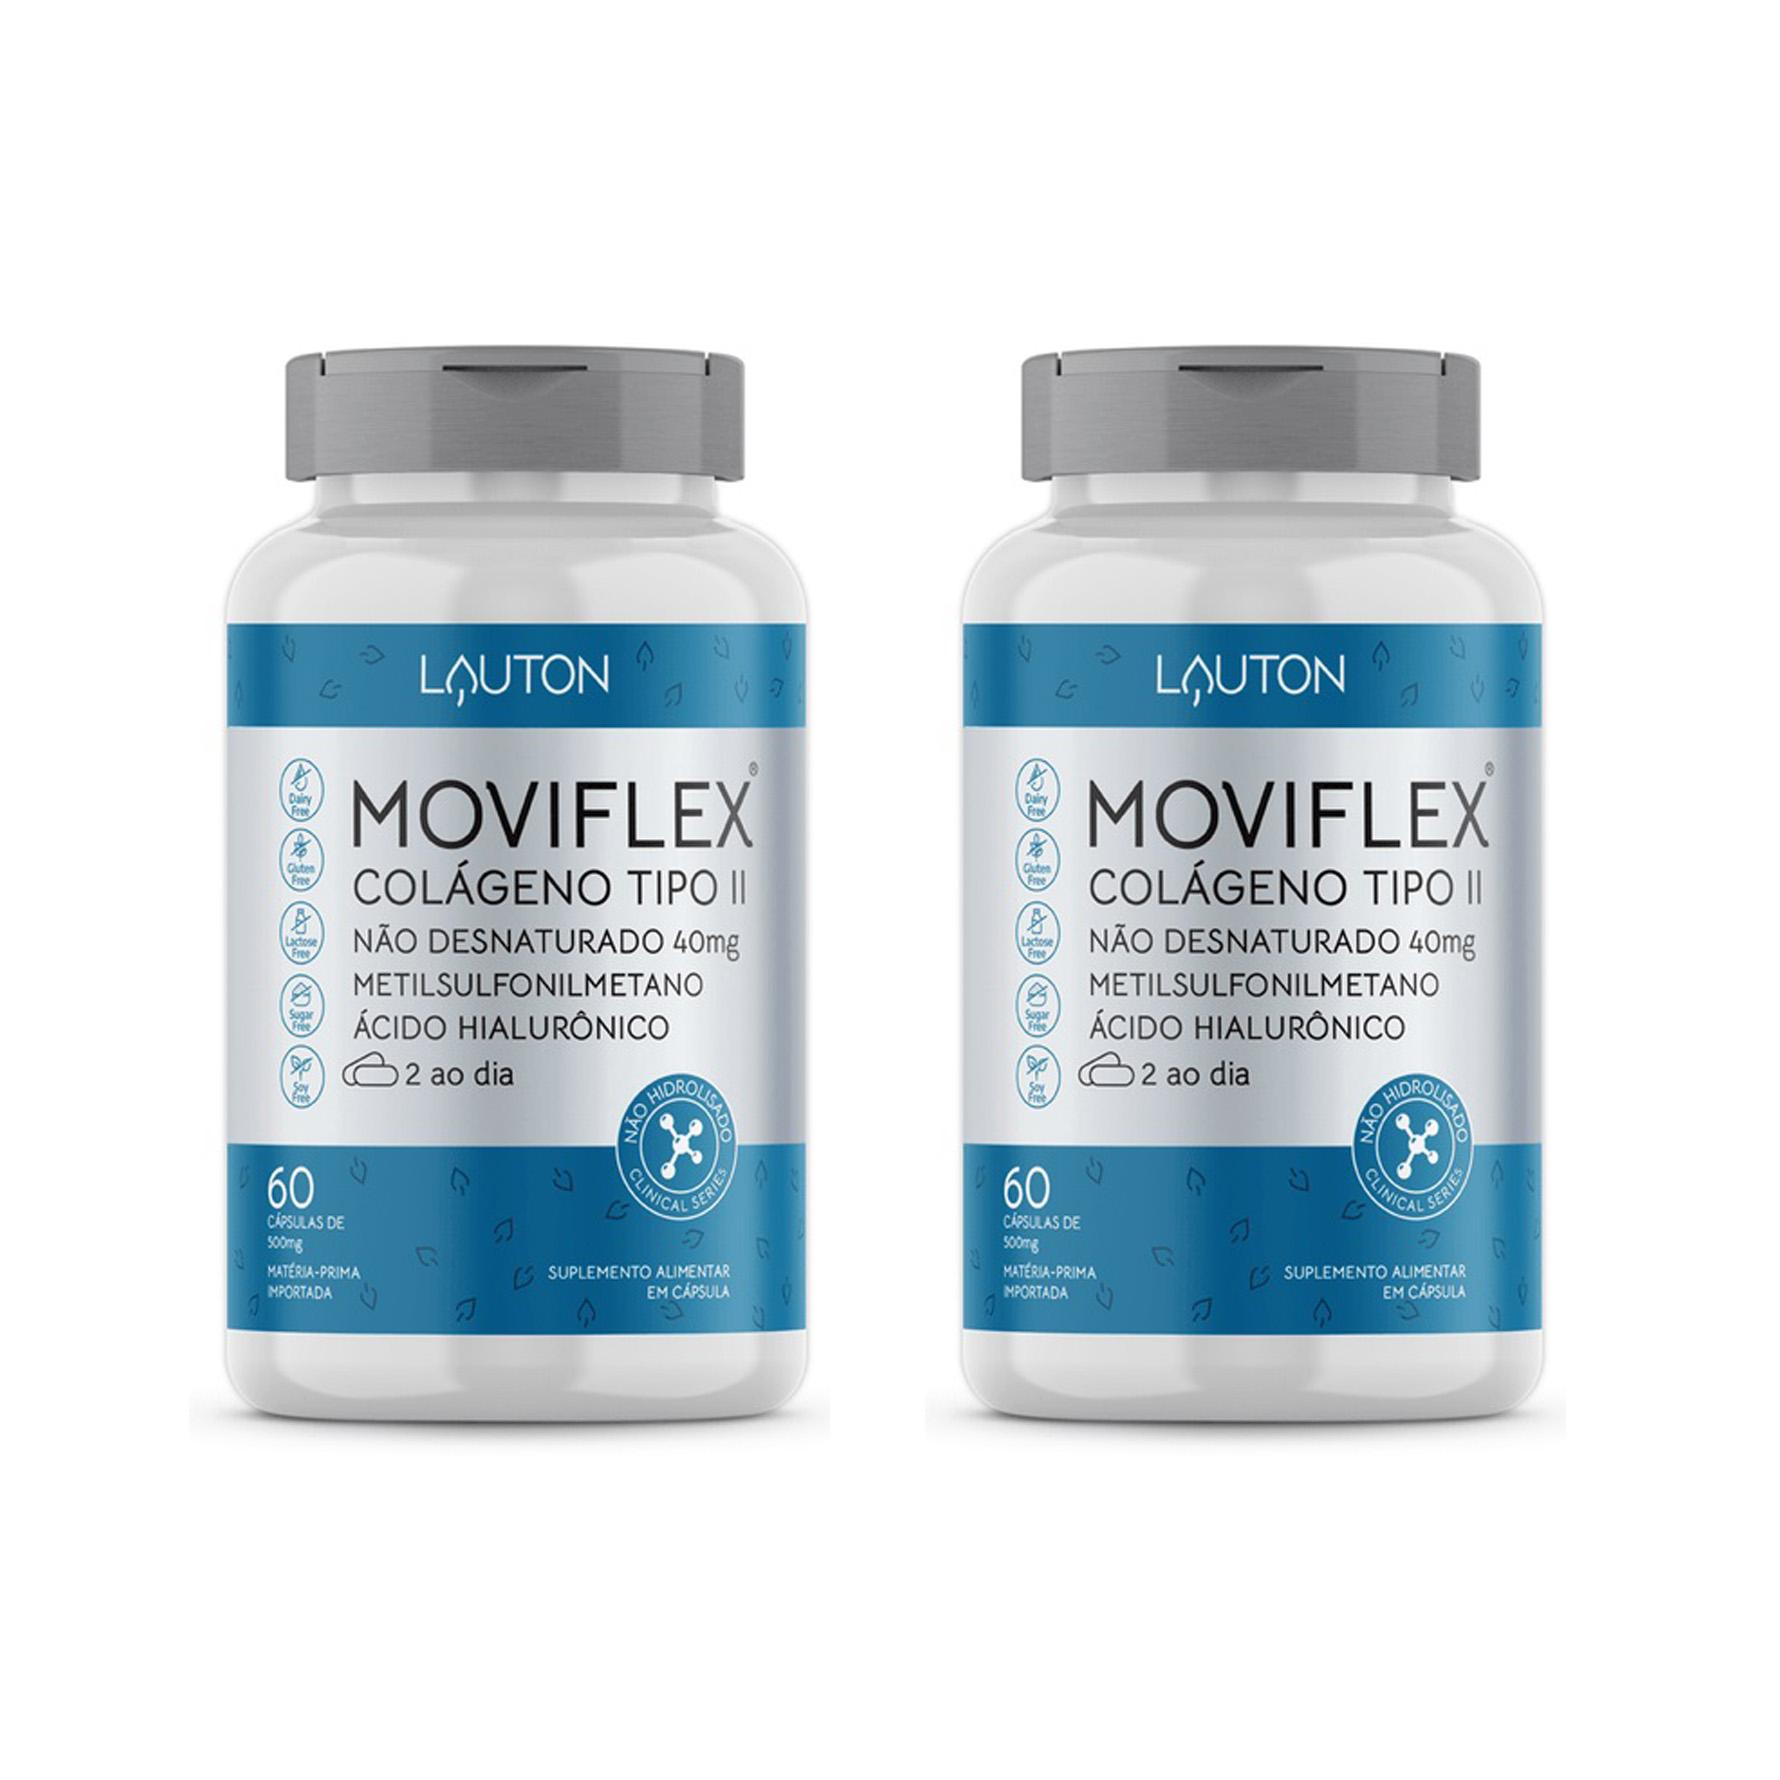 MOVIFLEX - Colágeno Tipo II - 60 Cápsulas - Lauton Nutrition (2 Unidades)